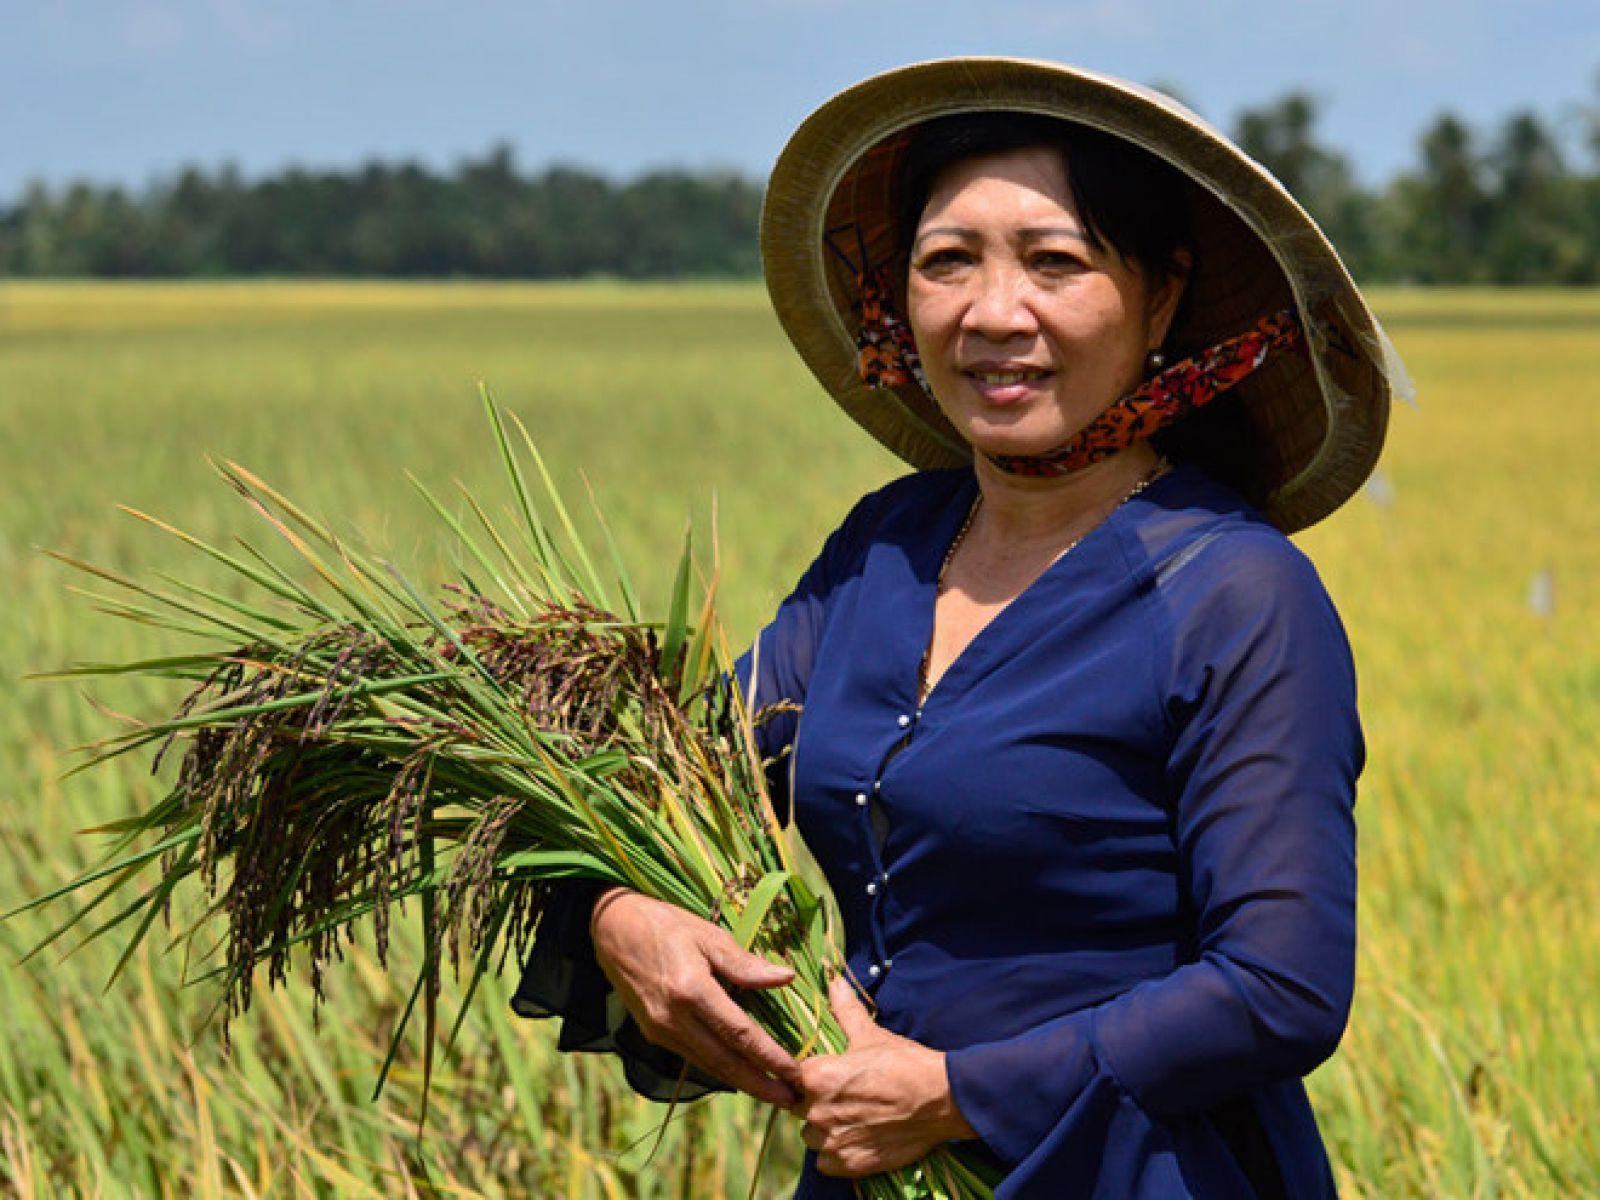 Ruộng lúa tím thảo dược được trồng theo hướng hữu cơ sinh học của bà Nga; ảnh Duy Tân